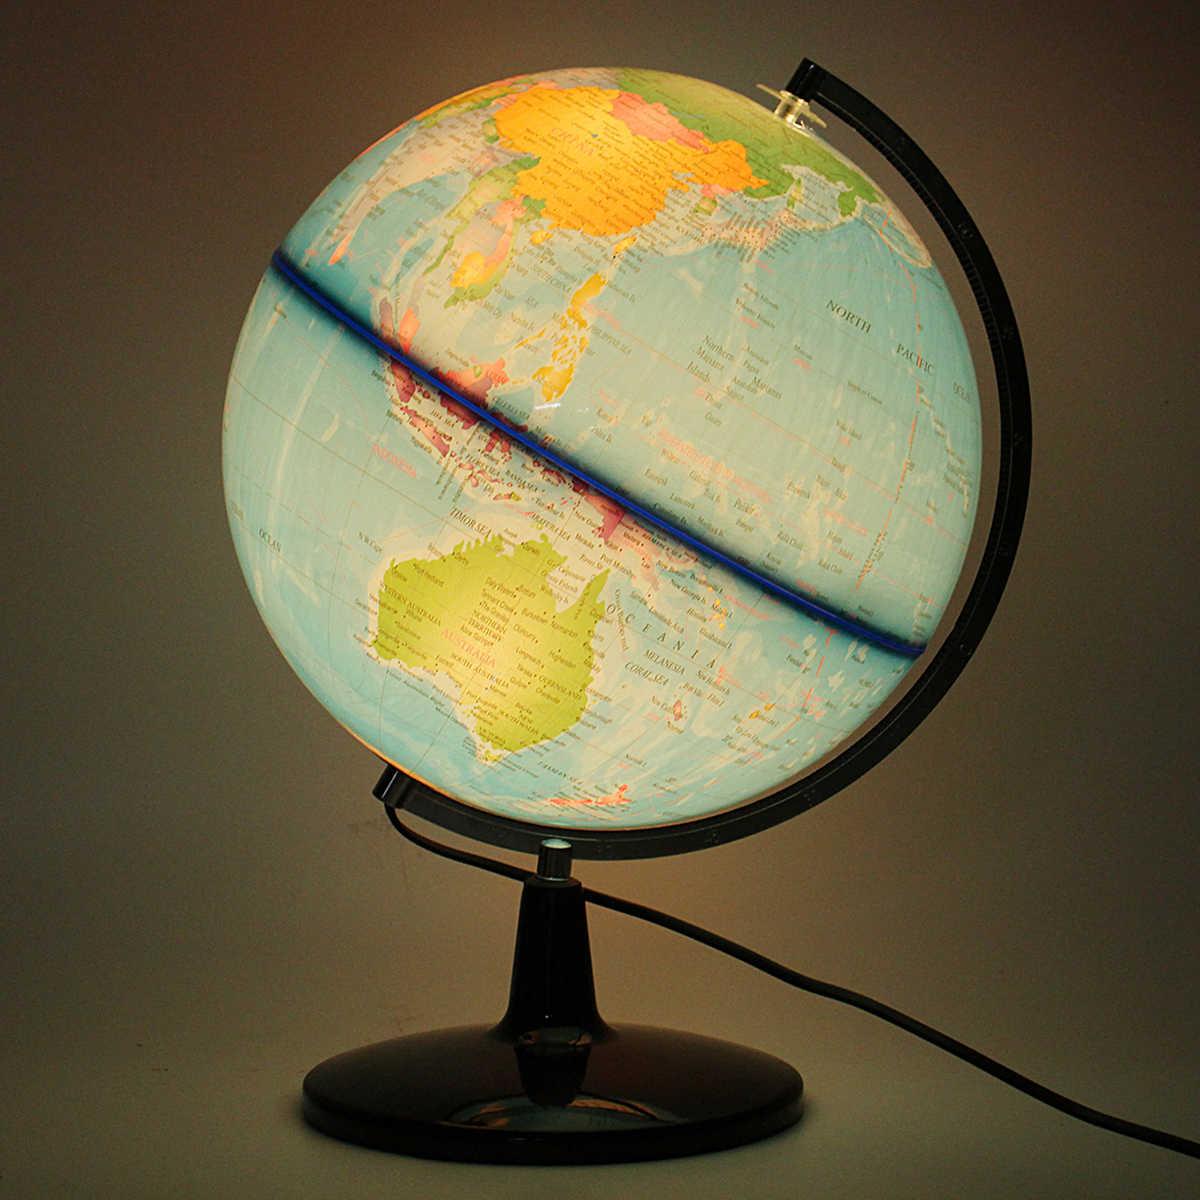 32 см Электрический с светлой земной шар карта земли научить образование географическая игрушка наземный теллурий домашний декор офисного стола